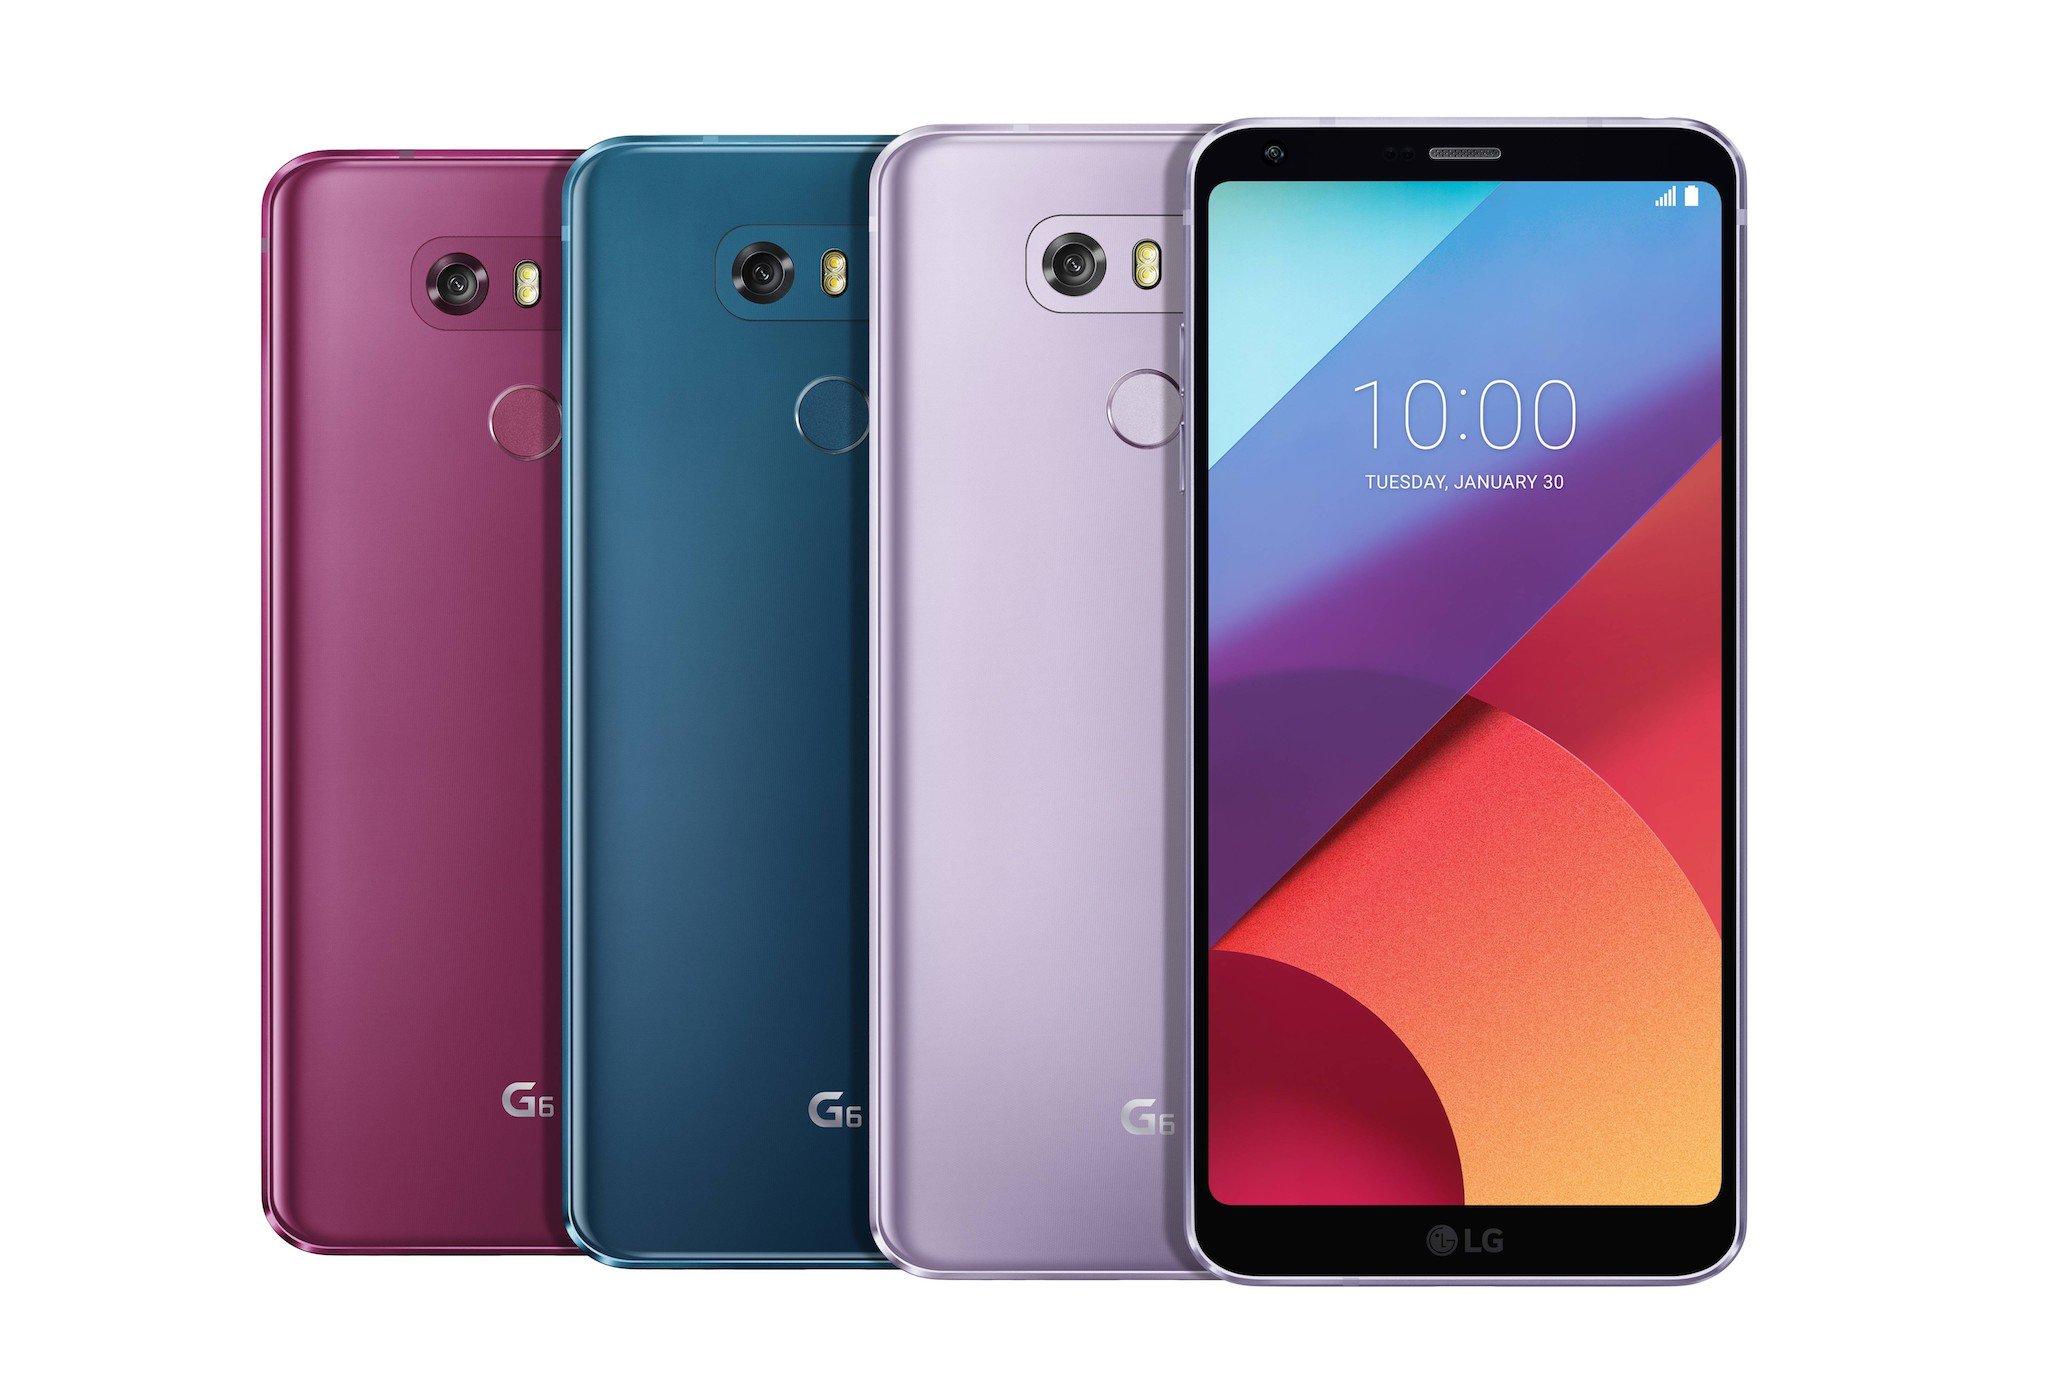 Mua LG G6 mới 100% ở đâu chất lượng giá rẻ nhất hiện nay 2